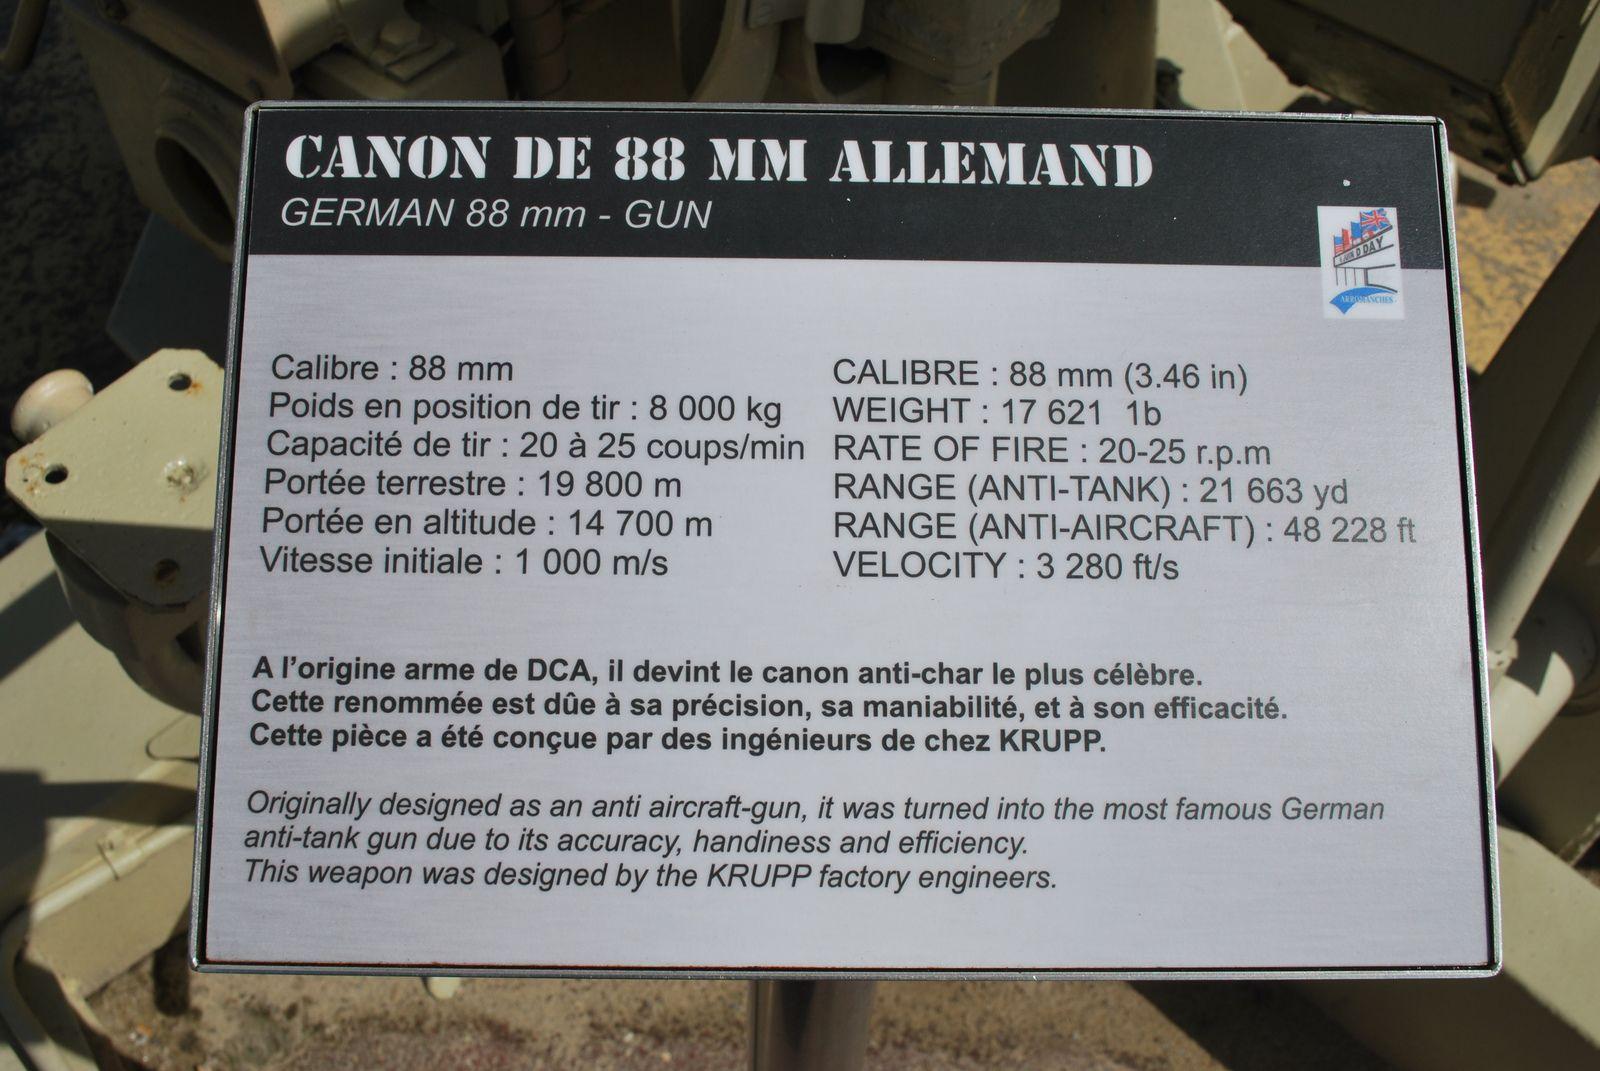 crédit photos Alain Chaussade - V 4 sur chassis métal,  sur caisson bois Musée de Vierville 2017 autorisation Antoine et Fabien Brissard - Arromanche Canon de 88 -